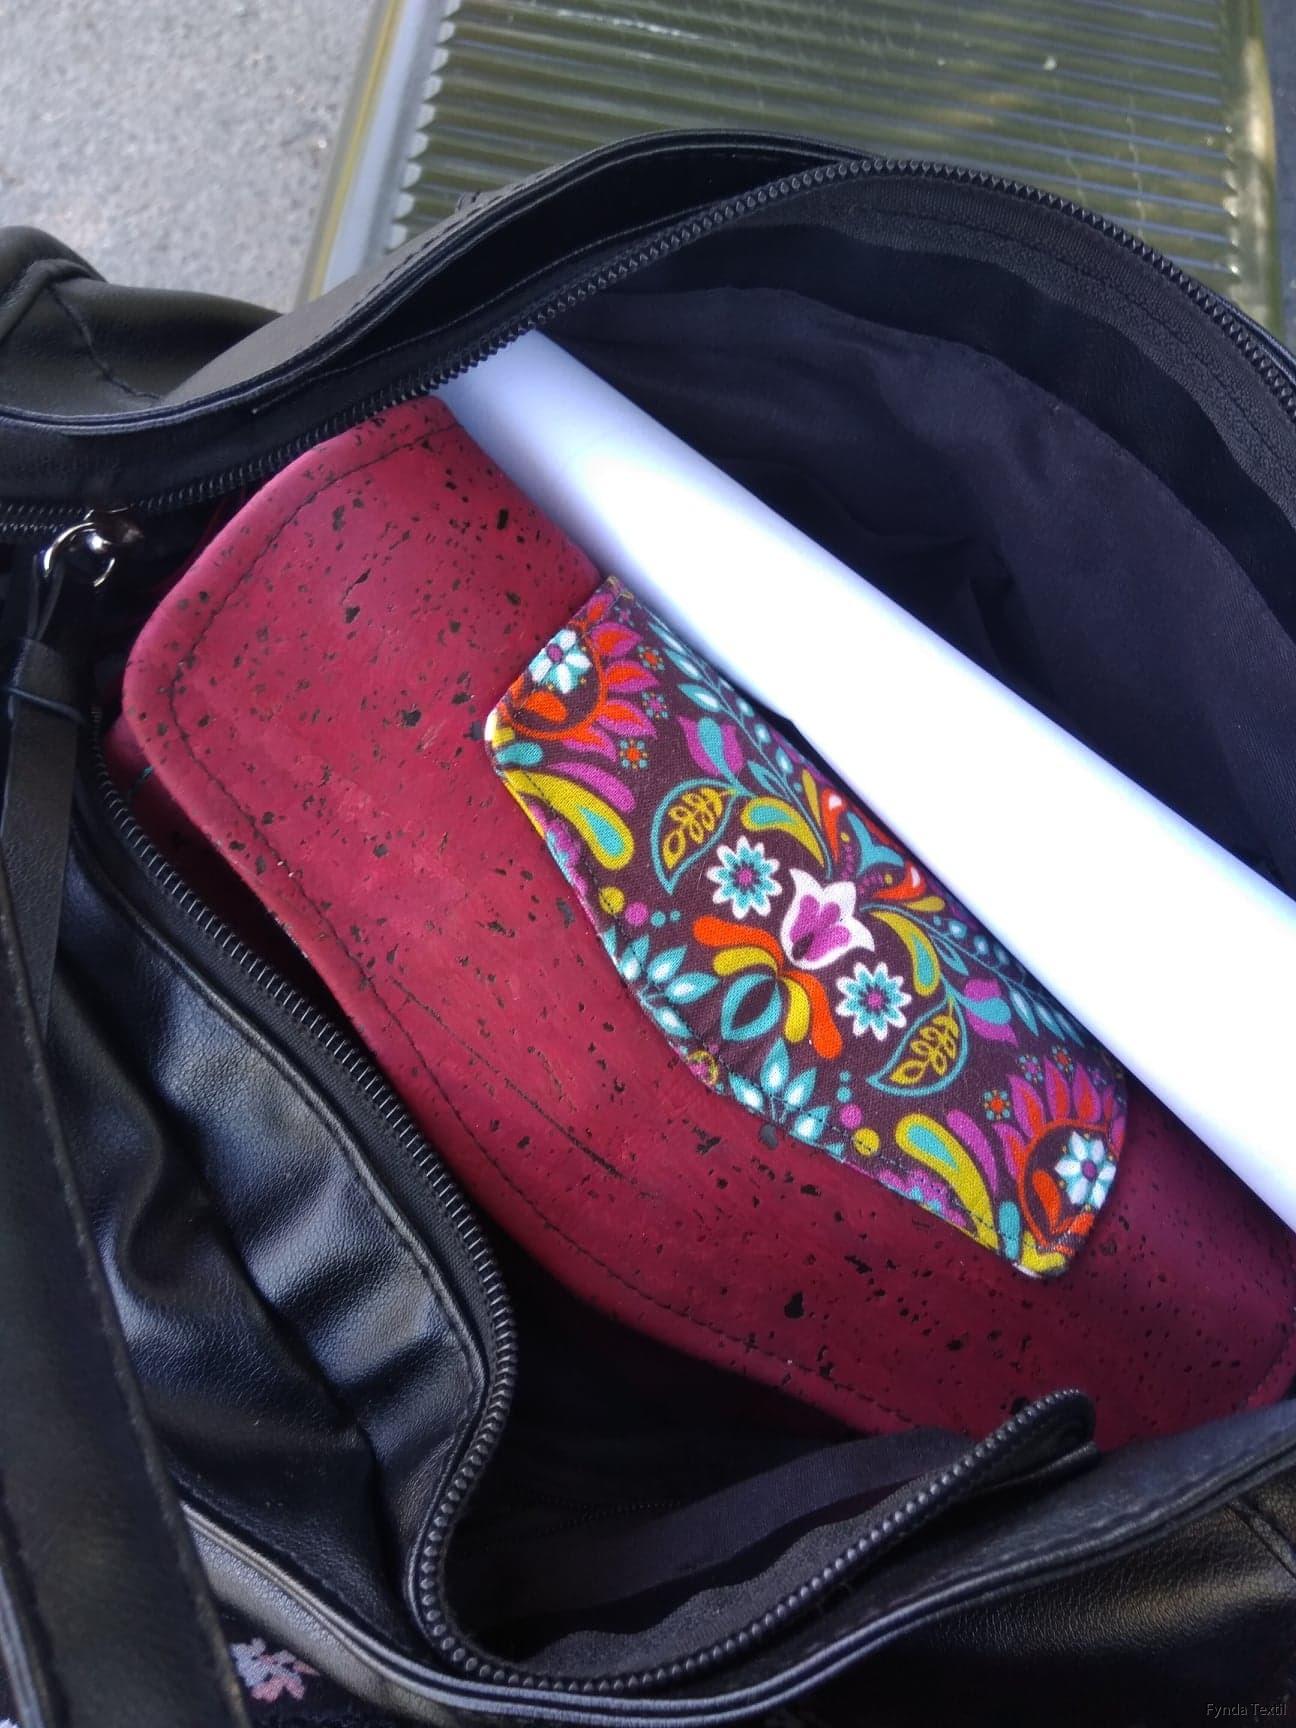 Inspiriationsbild - Plånbok i vinröd kork och mönstrat bomullstyg